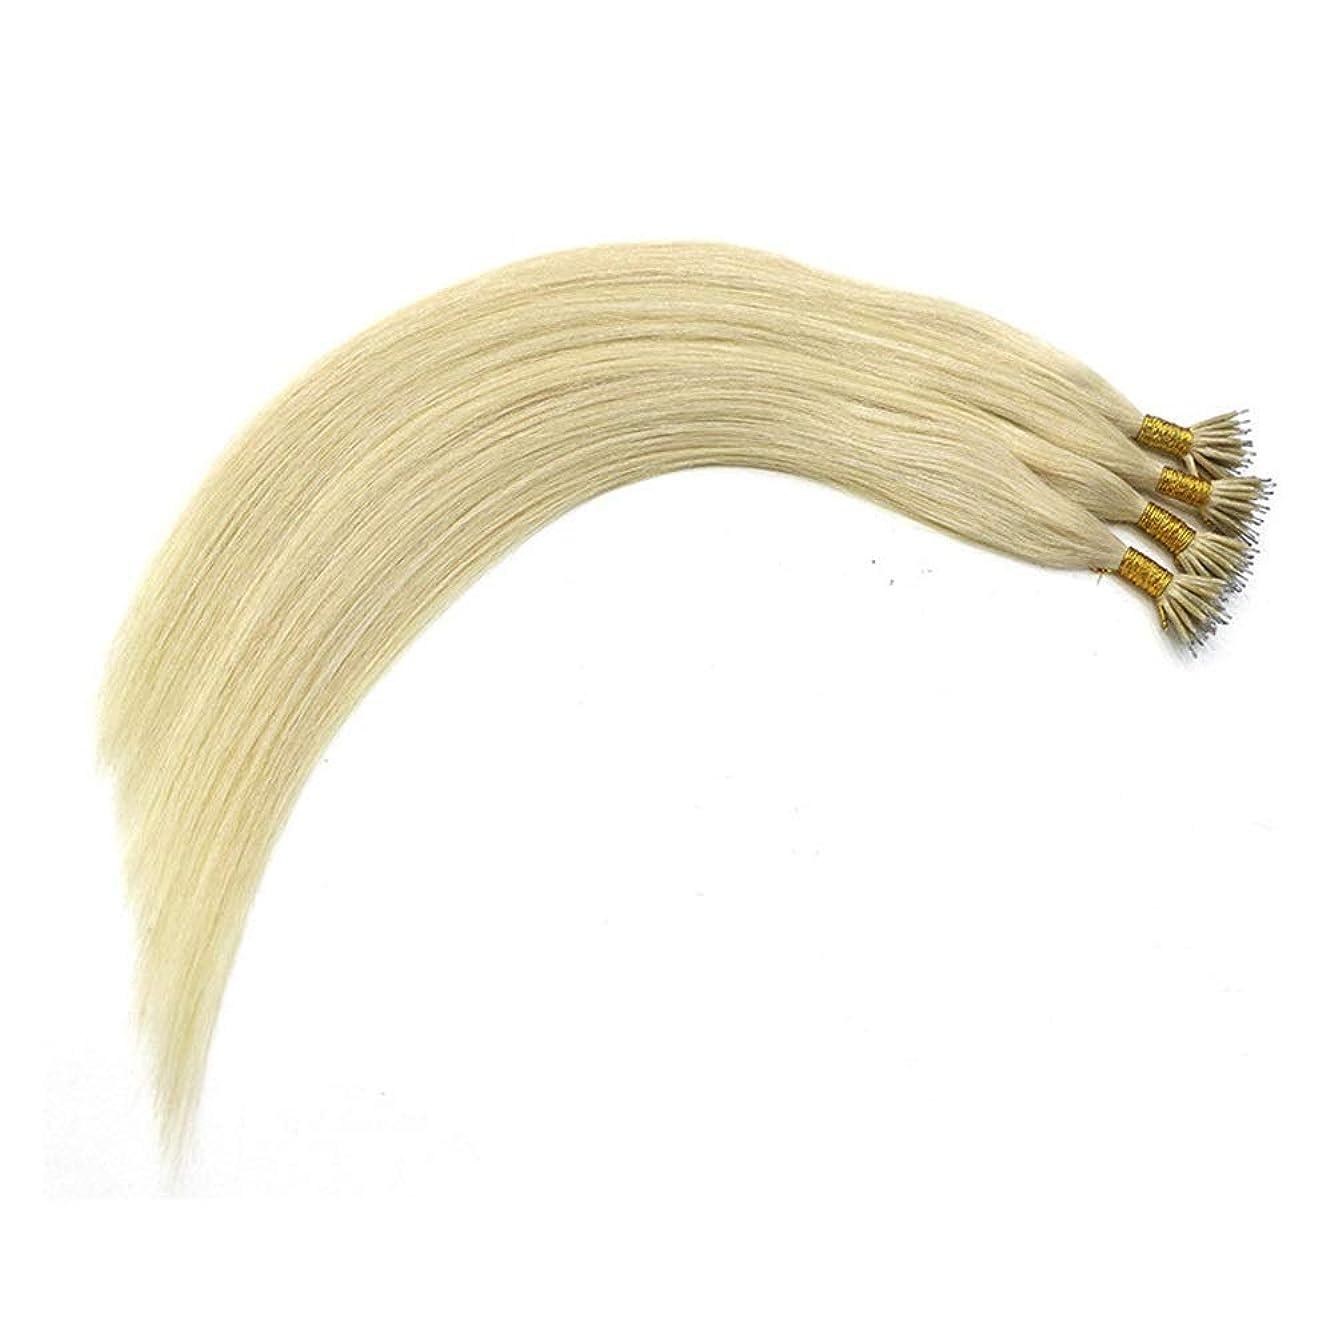 買い手モンクオークランドWASAIO 本物のヘアエクステンションアッシュブロンドと黒の100%未処理のストレート人間のクリップUnseamed髪型 (色 : Blonde, サイズ : 12 inch)